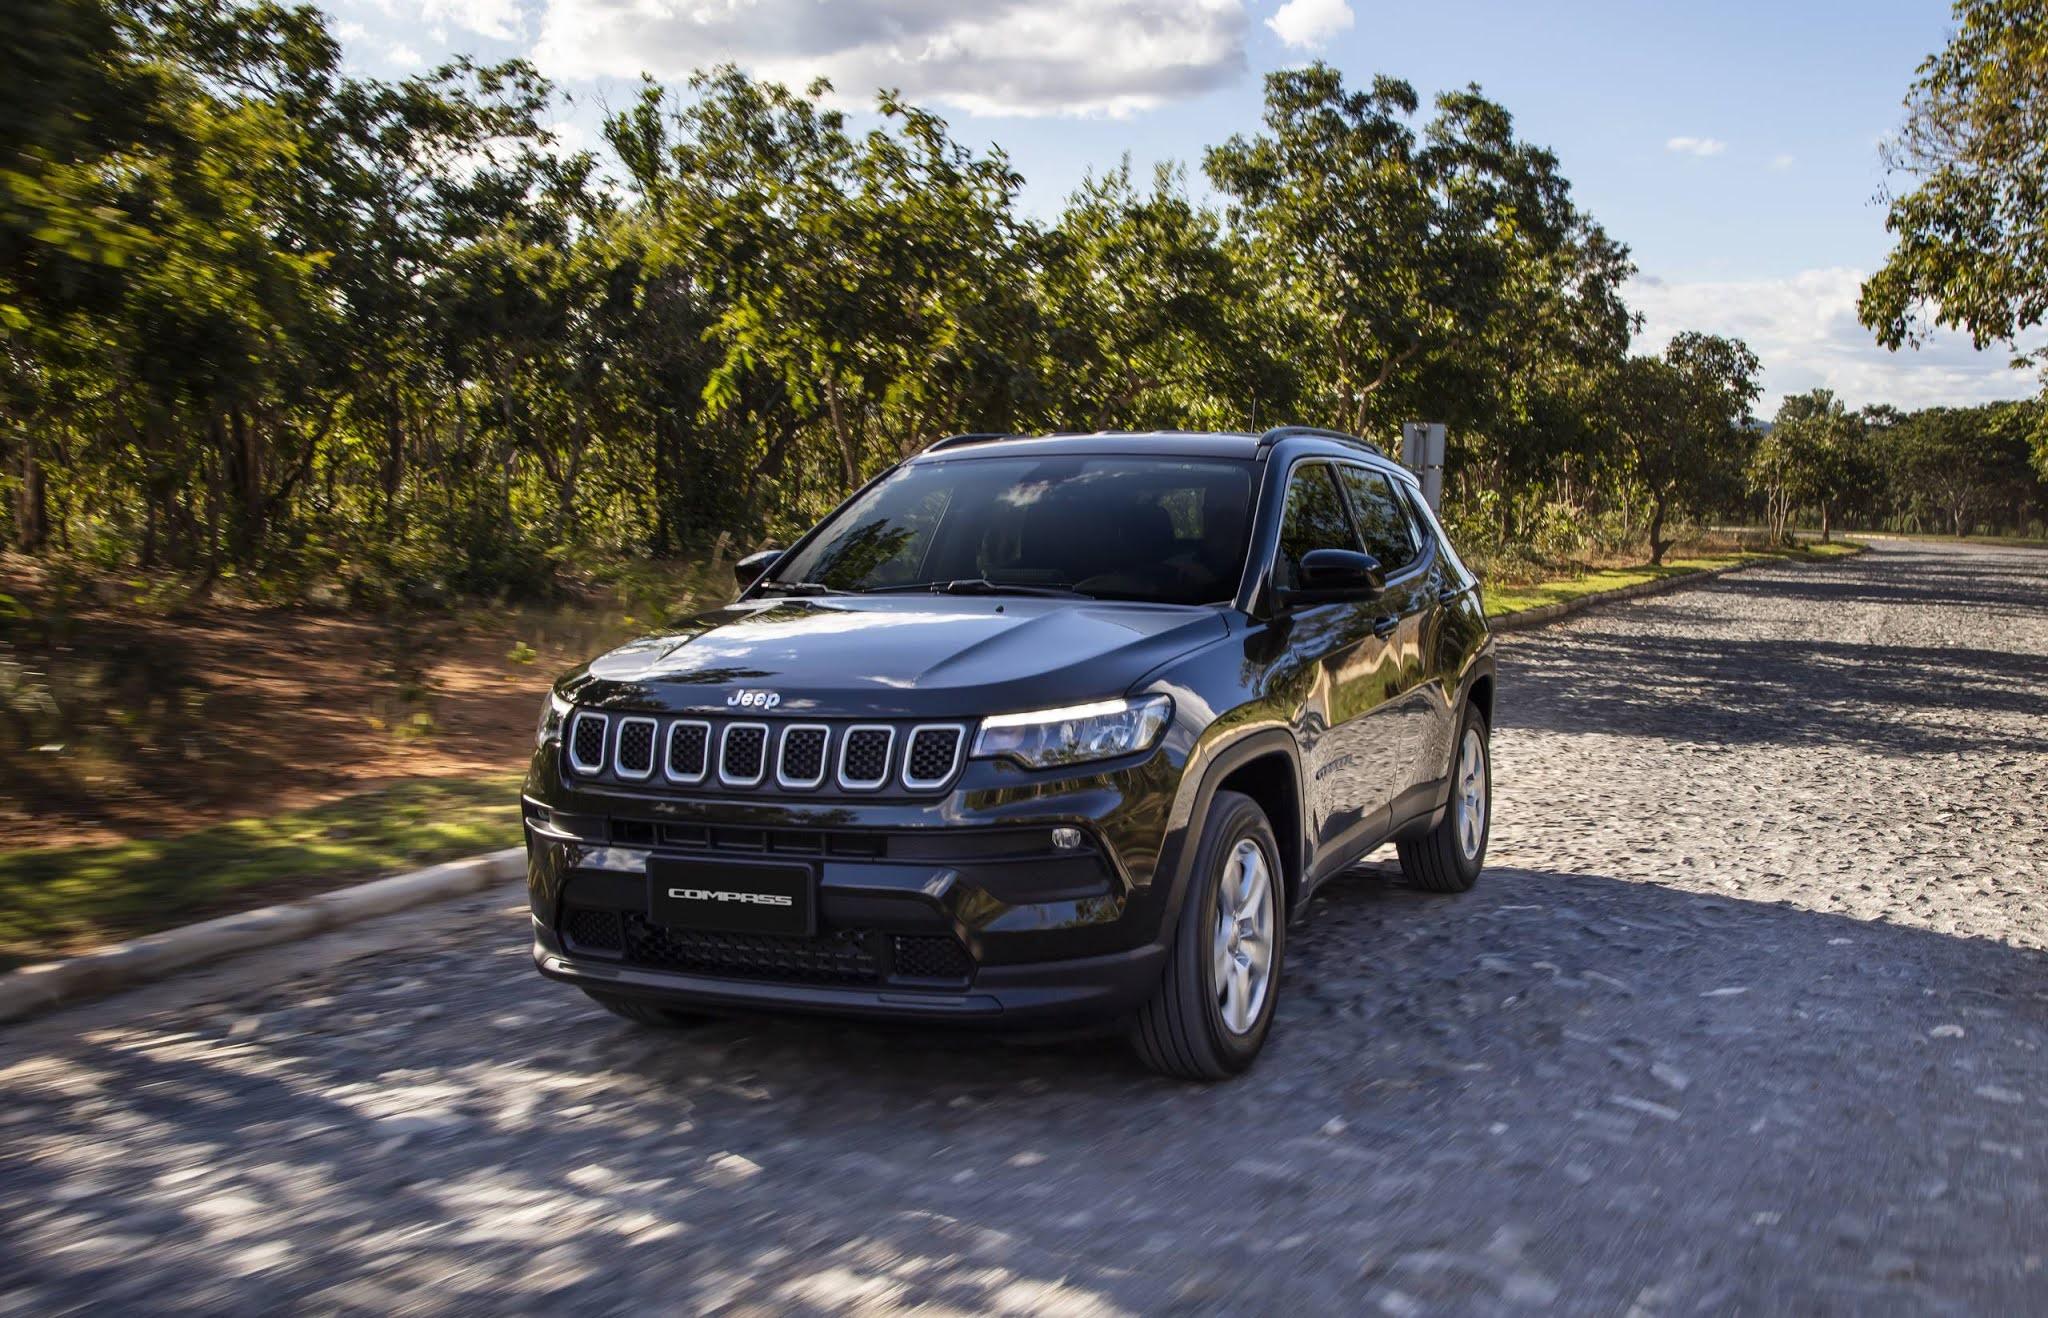 Jeep Compass 2022 - 7º carro mais vendido do Brasil em 2021